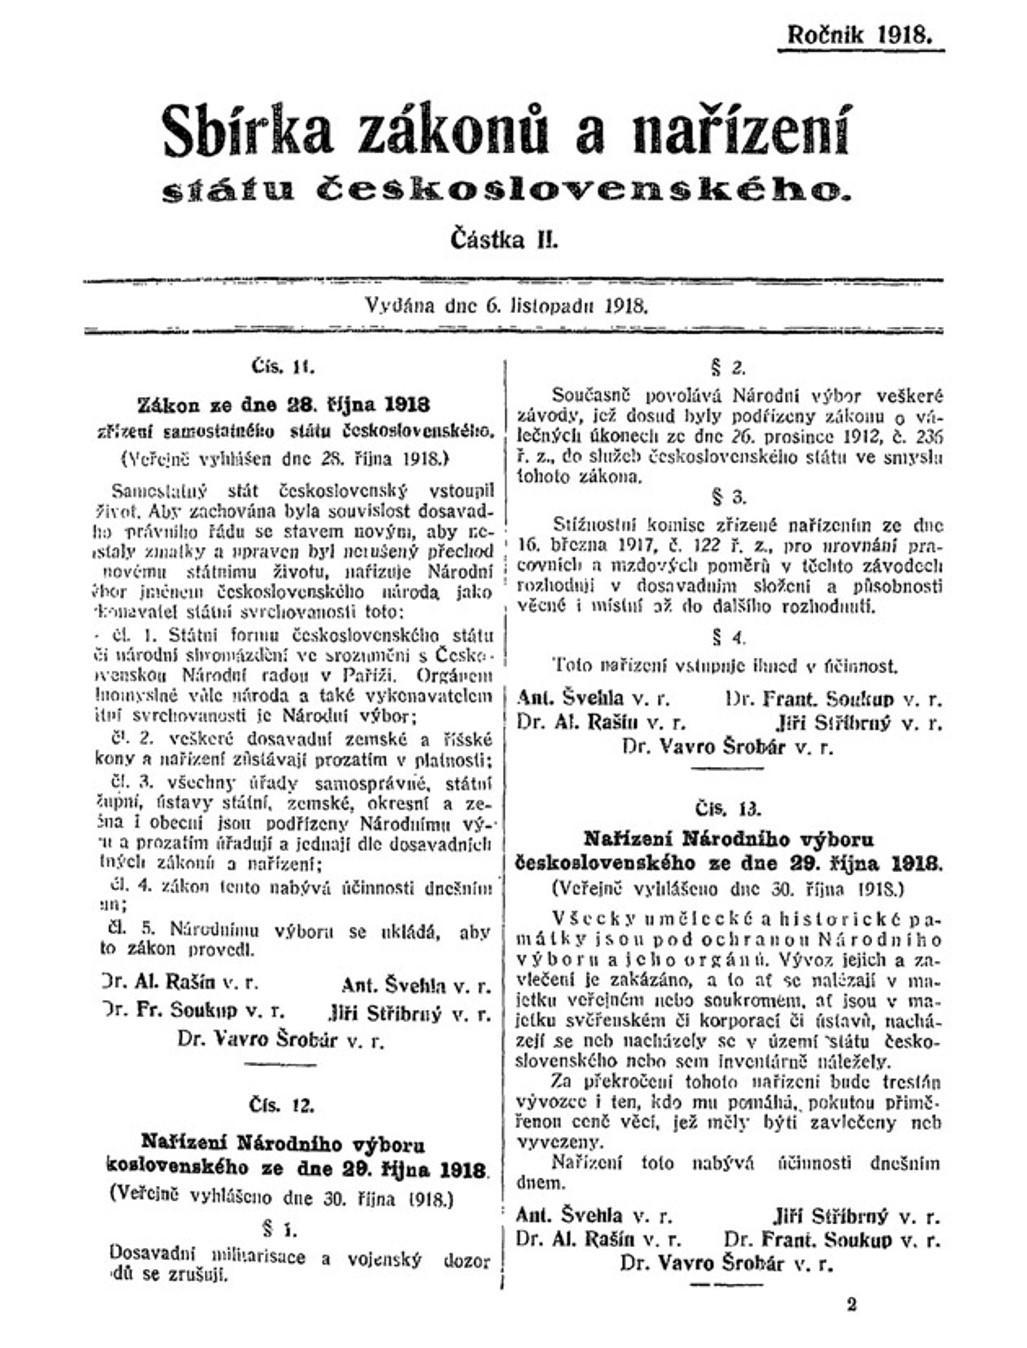 Zákon z 28. října 1918